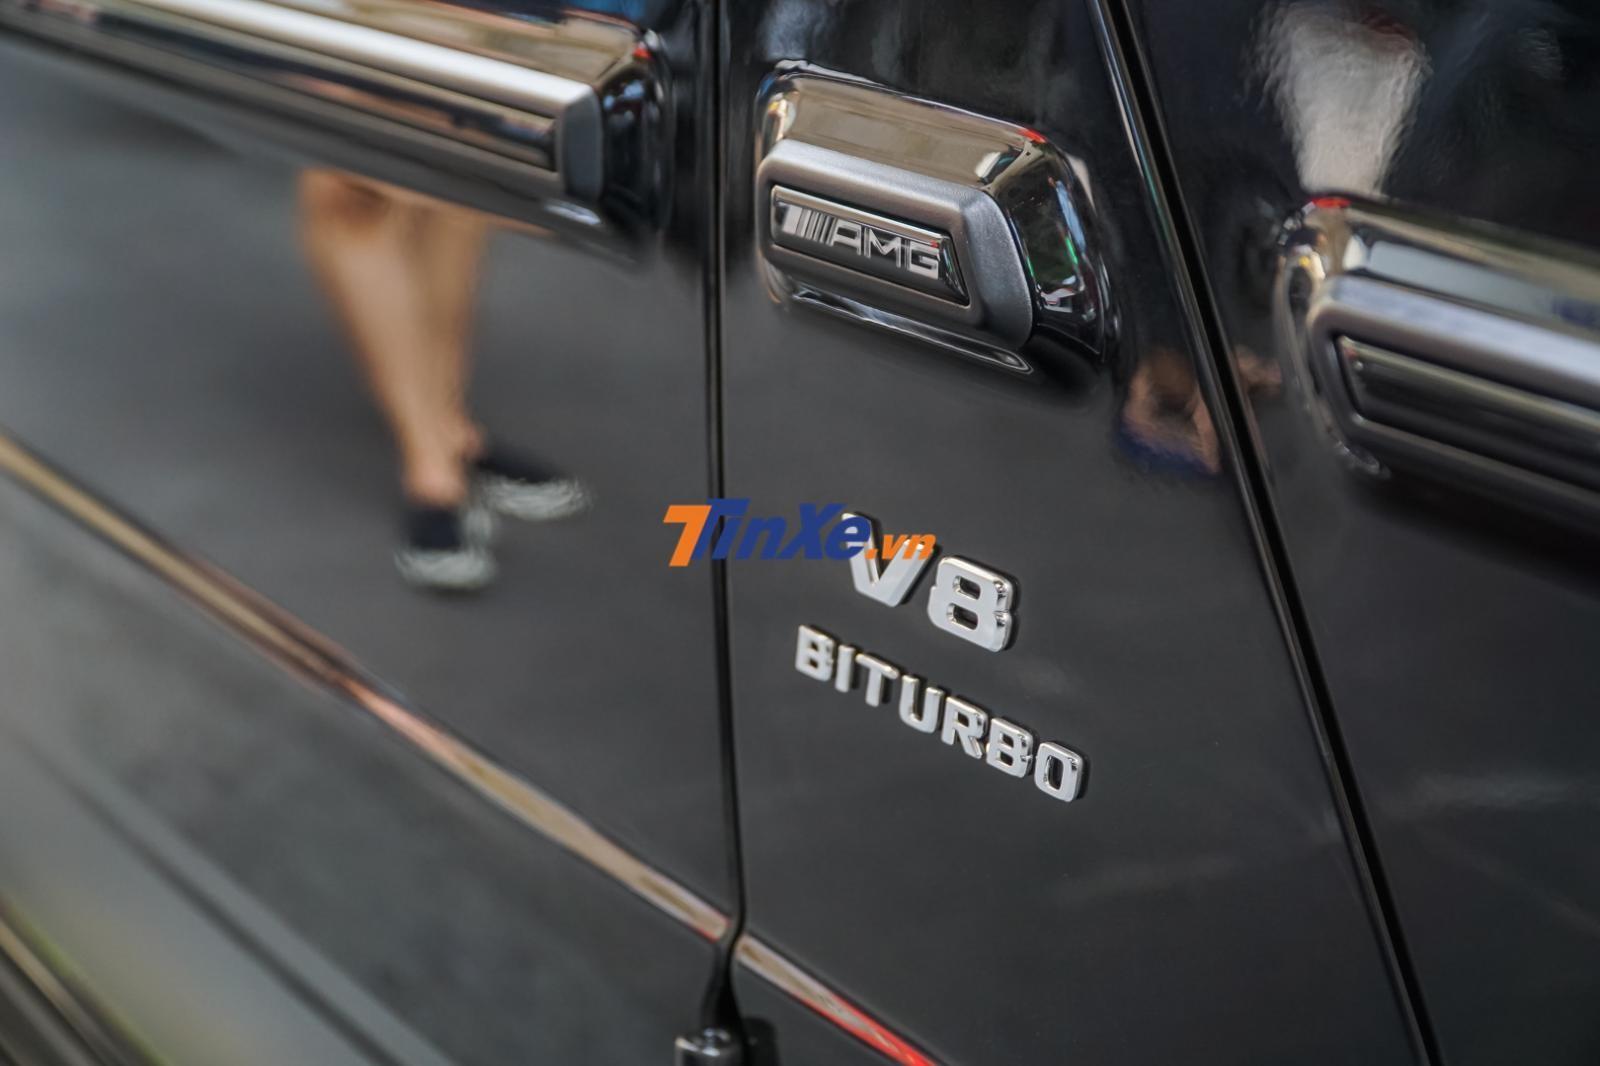 Mercedes-AMG G63 Edition 1 vẫn sử dụng khối động cơ xăng V8, tăng áp kép, dung tích 4.0 lít, sản sinh công suất tối đa 577 mã lực